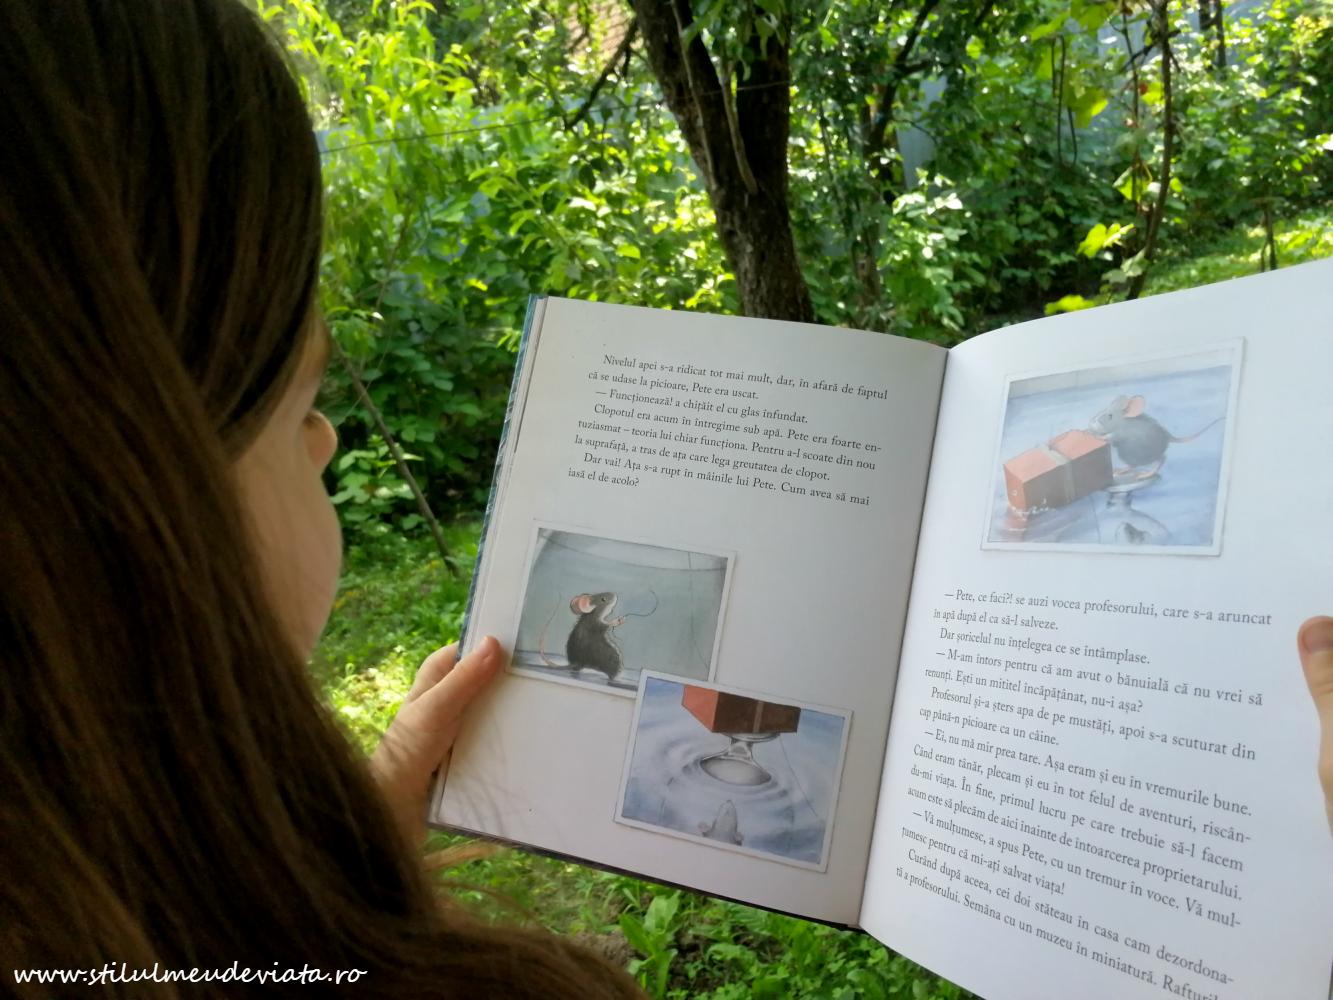 Ce cărți am citit în vacanța de vară, clasa a iii-a